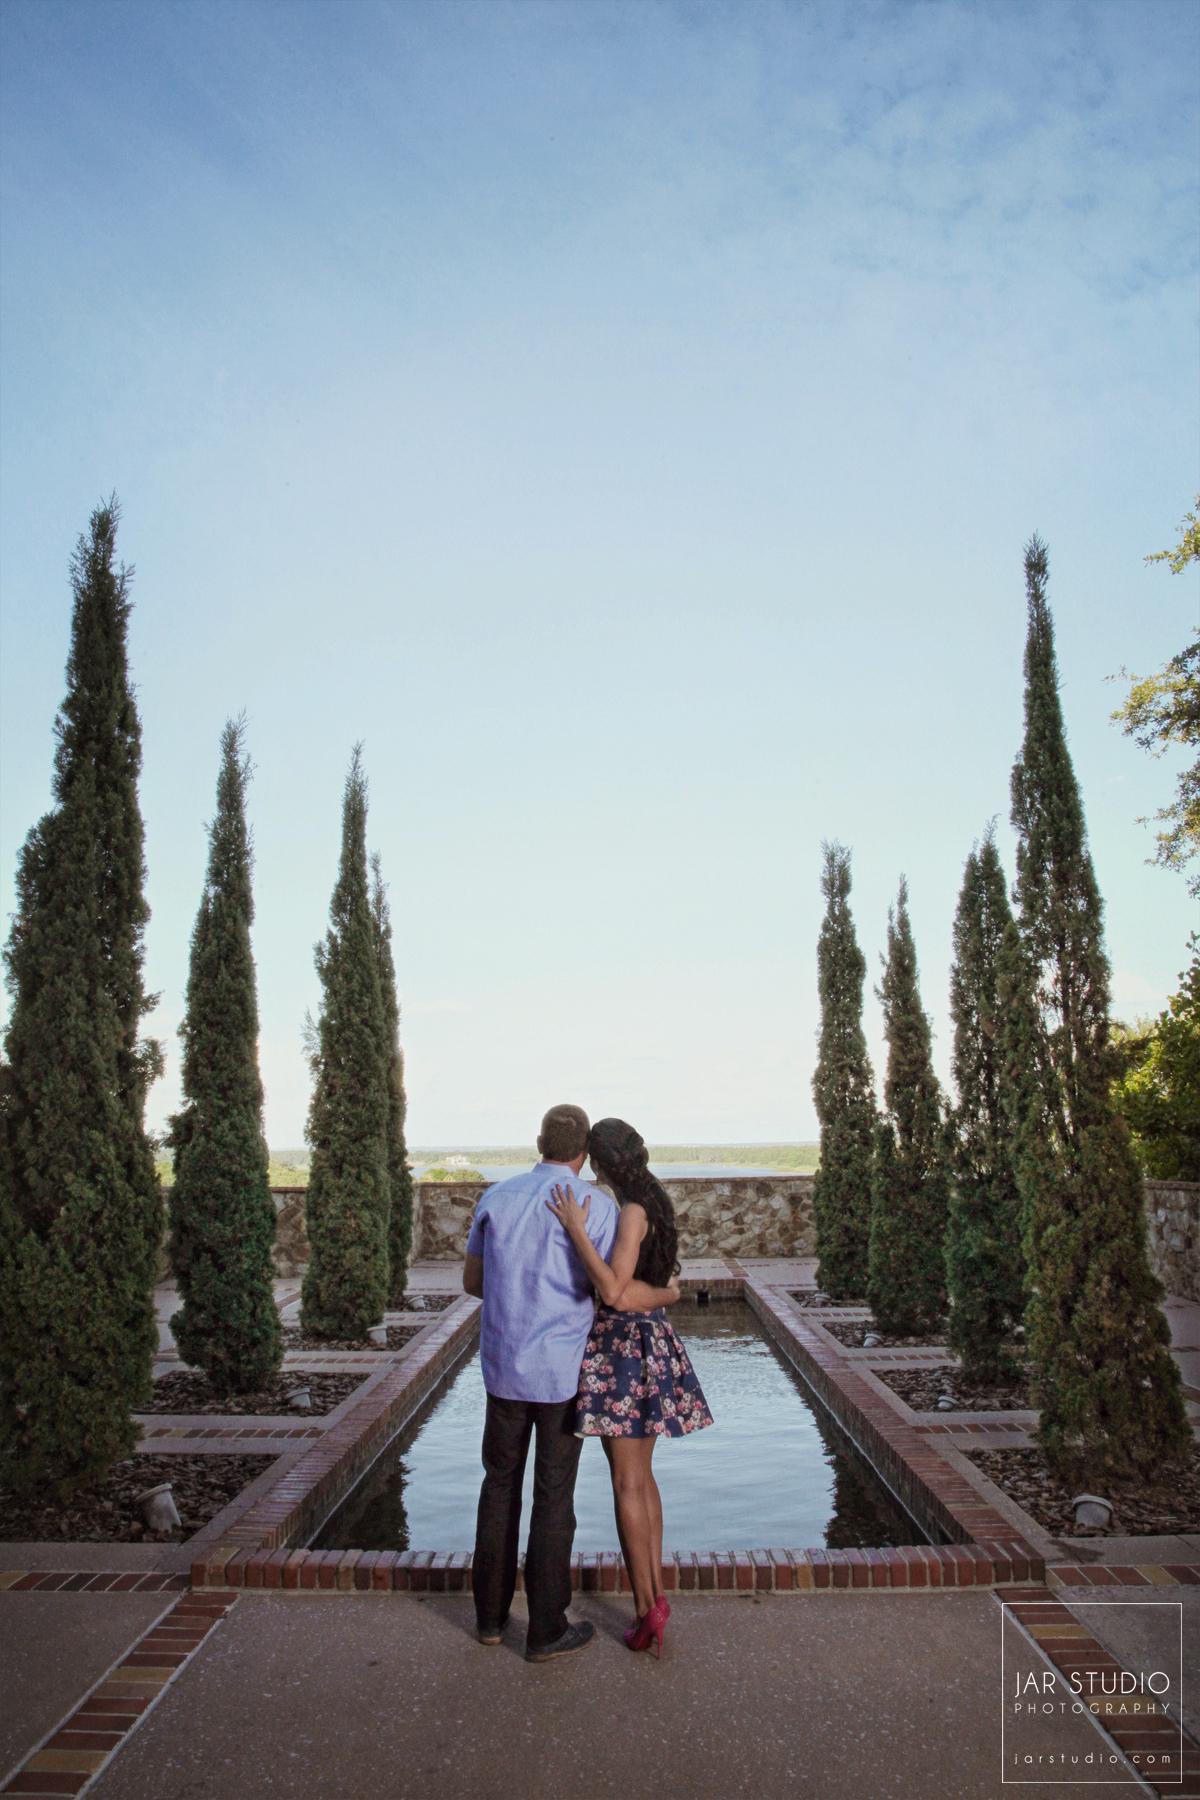 07-unique-tuscan-bella-collina-engagement-jarstudio.jpg